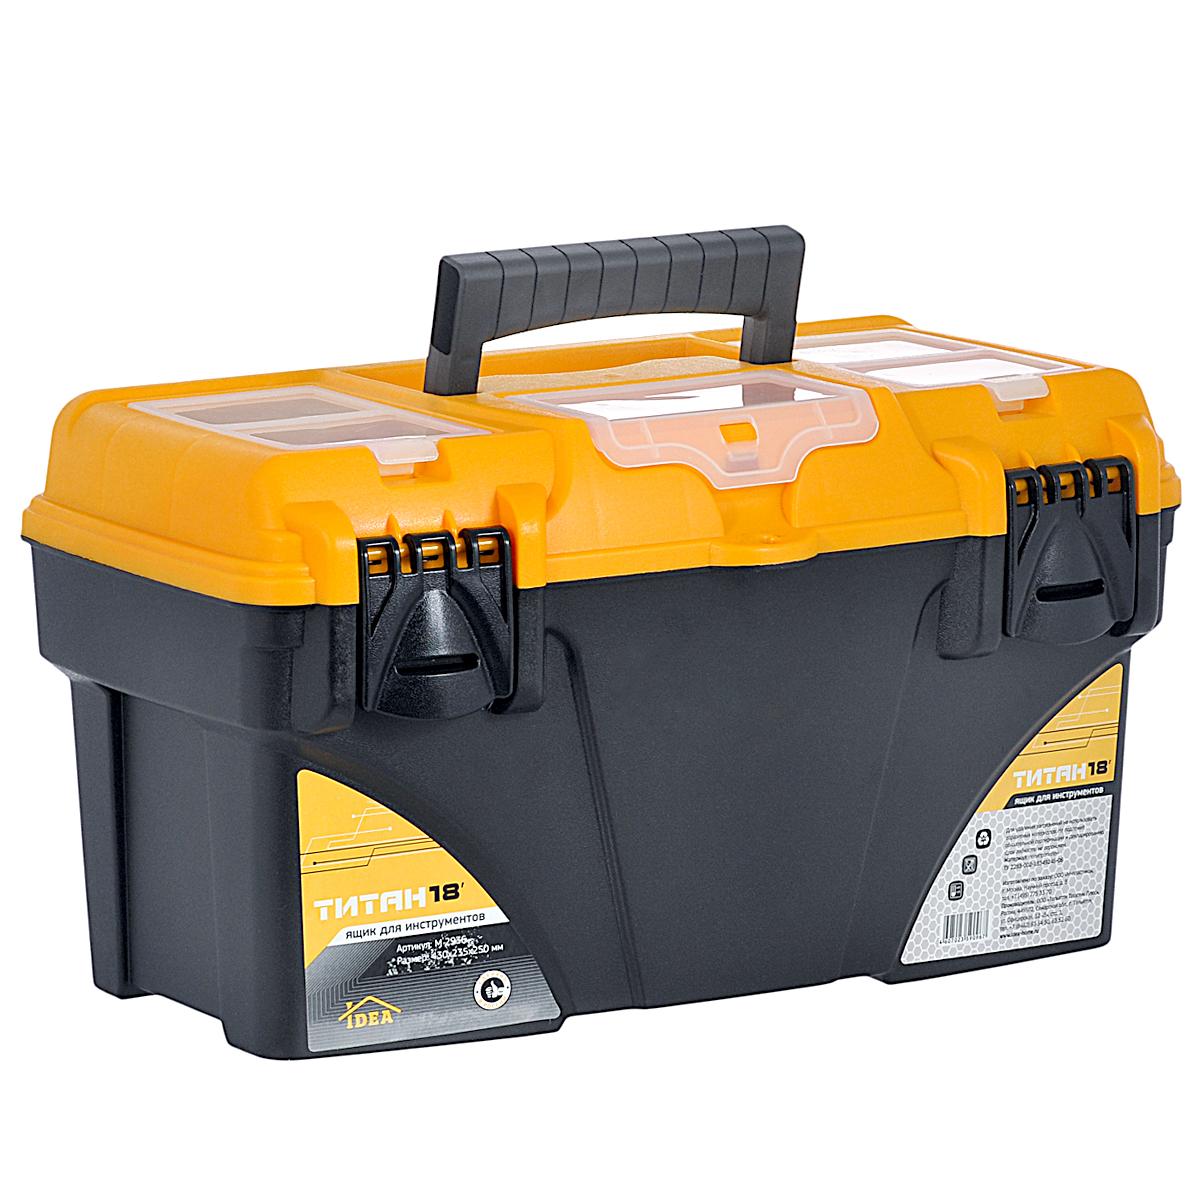 Ящик для инструментов Idea Титан 18, с органайзером, 43 х 23,5 х 25 см ящик biber 65402 для инструментов 18